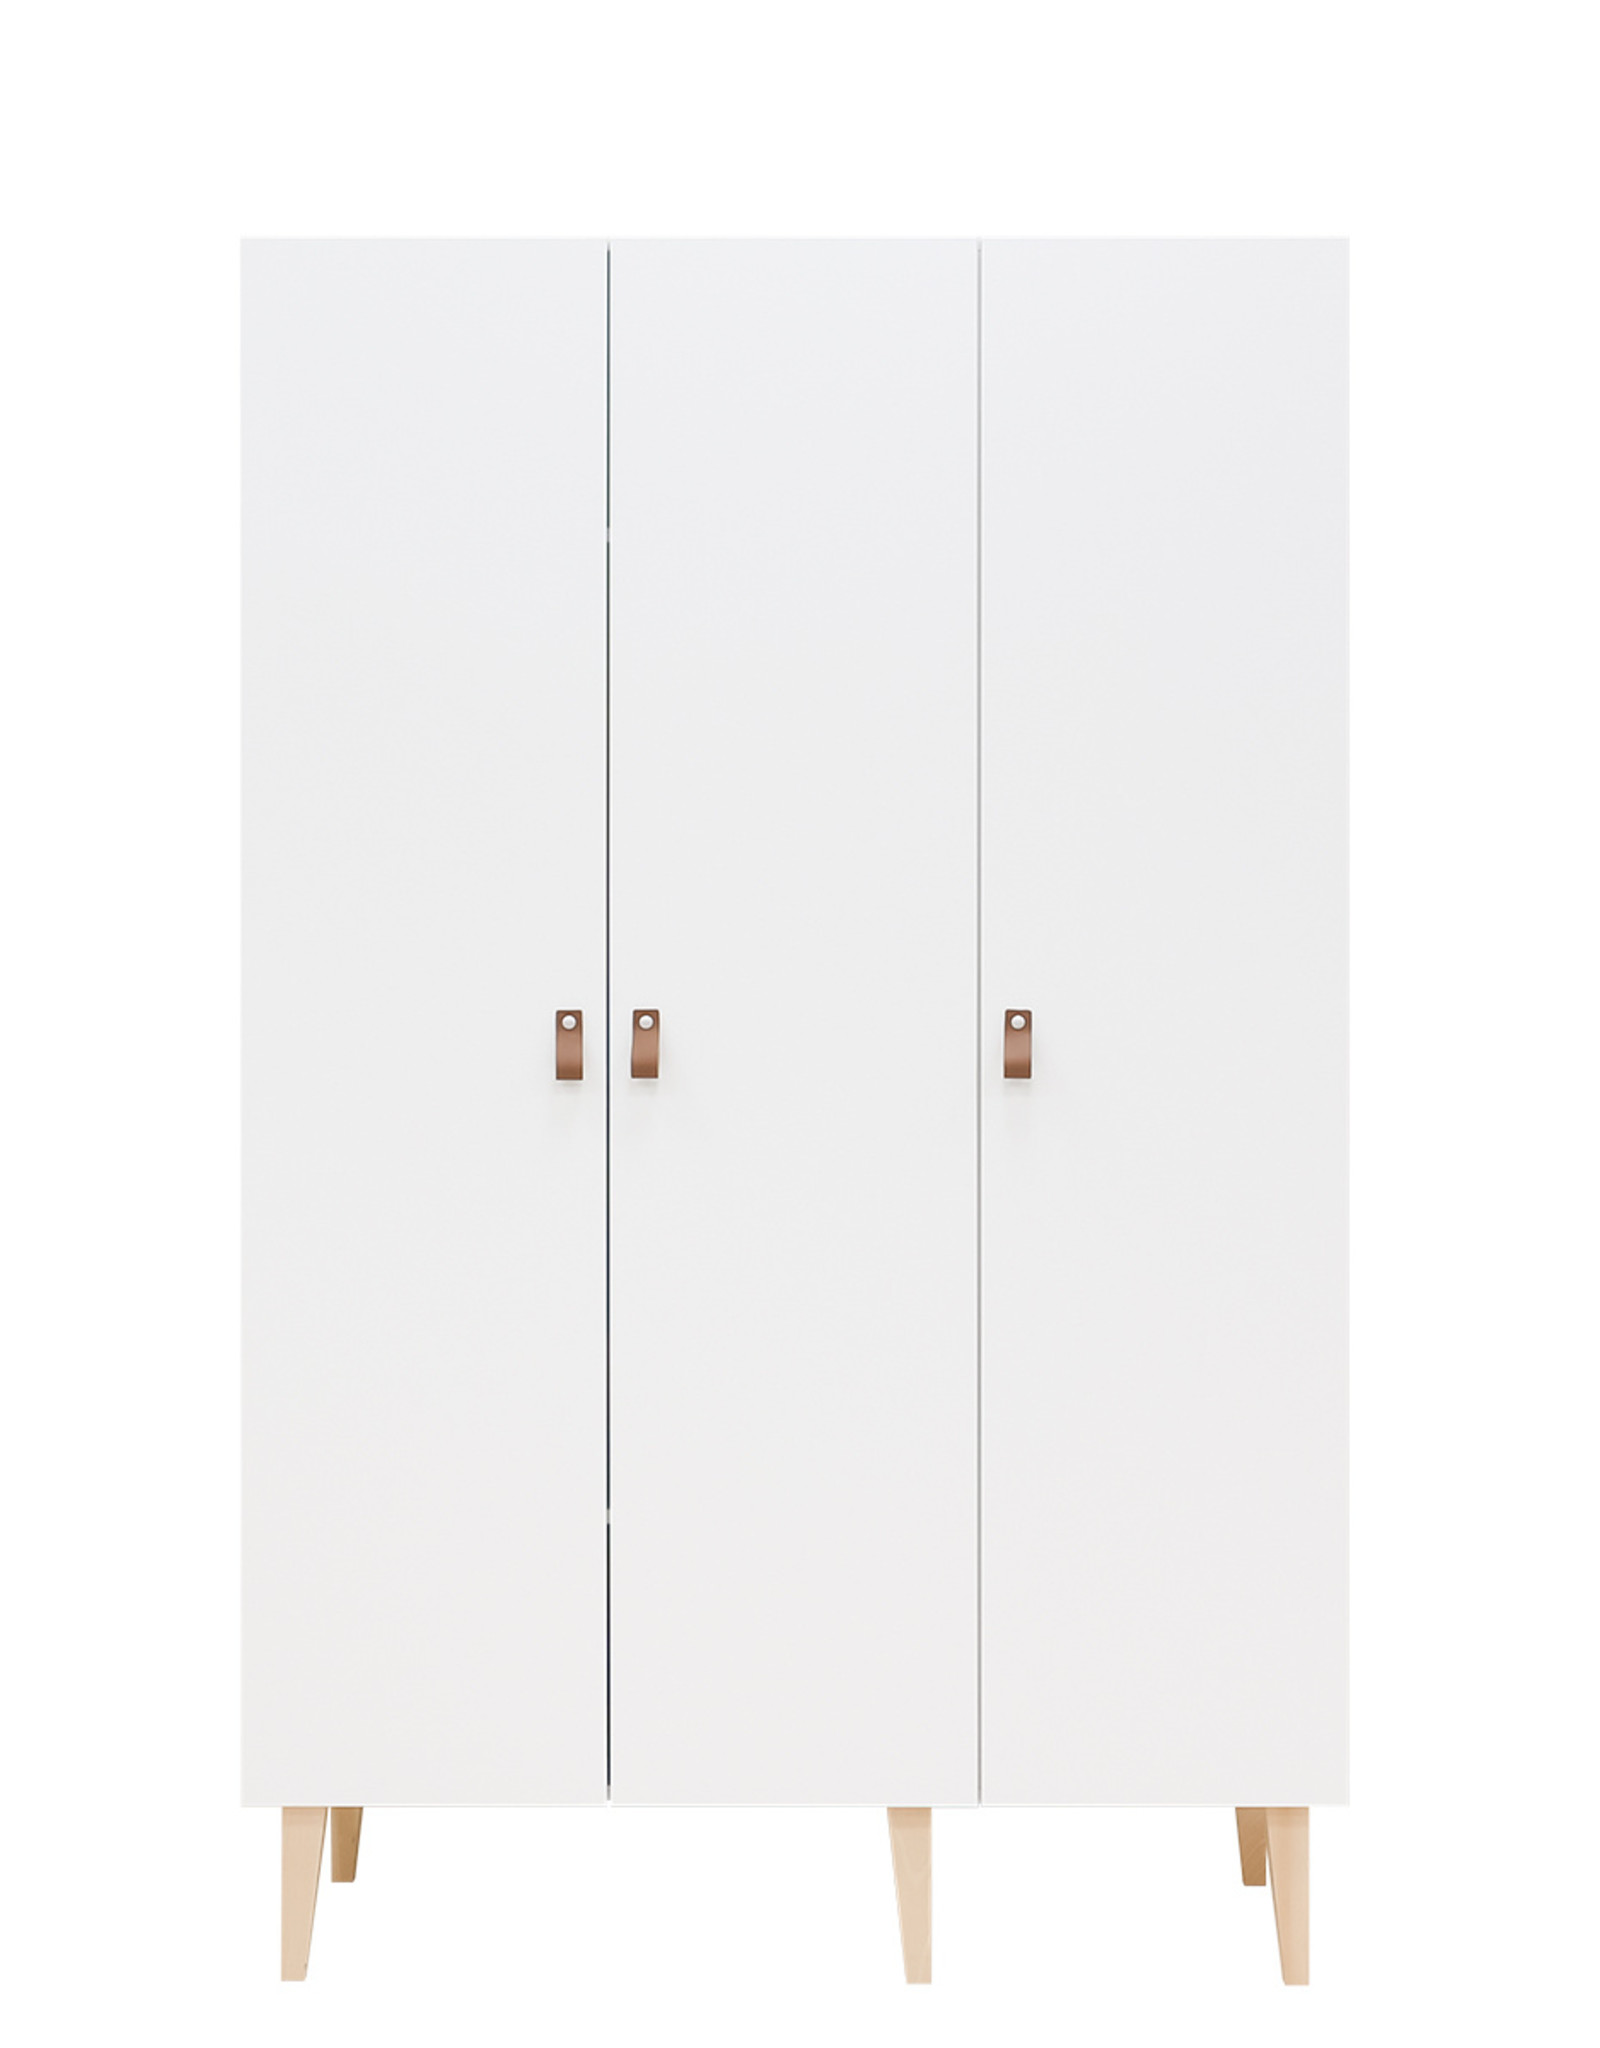 Bopita 3-DOOR WARDROBE INDY WHITE/NATURAL